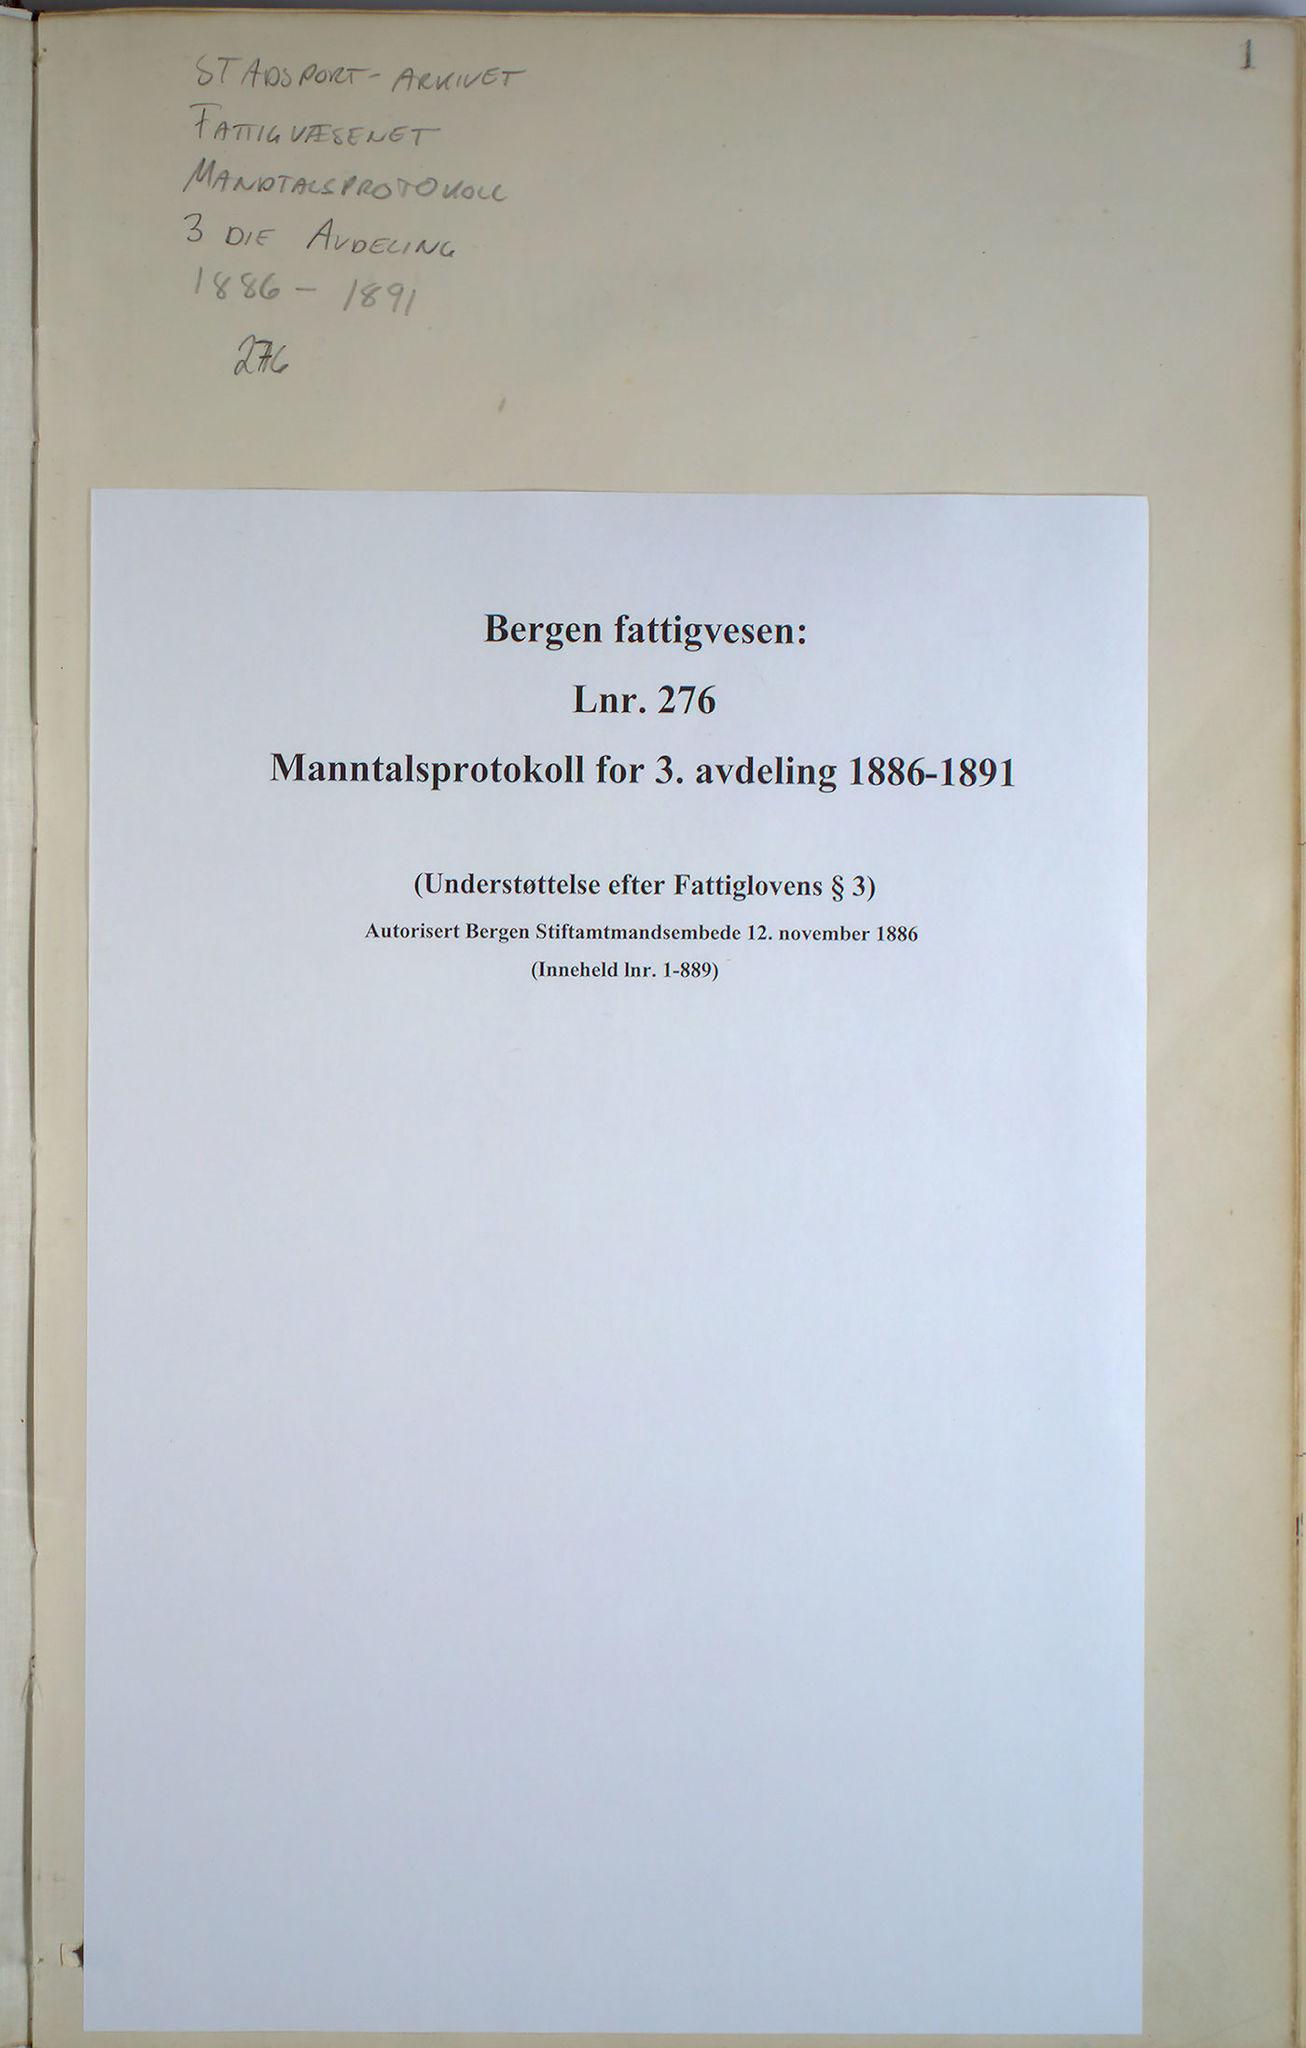 BBA, Bergen fattigvesen, 1886-1891, s. 1